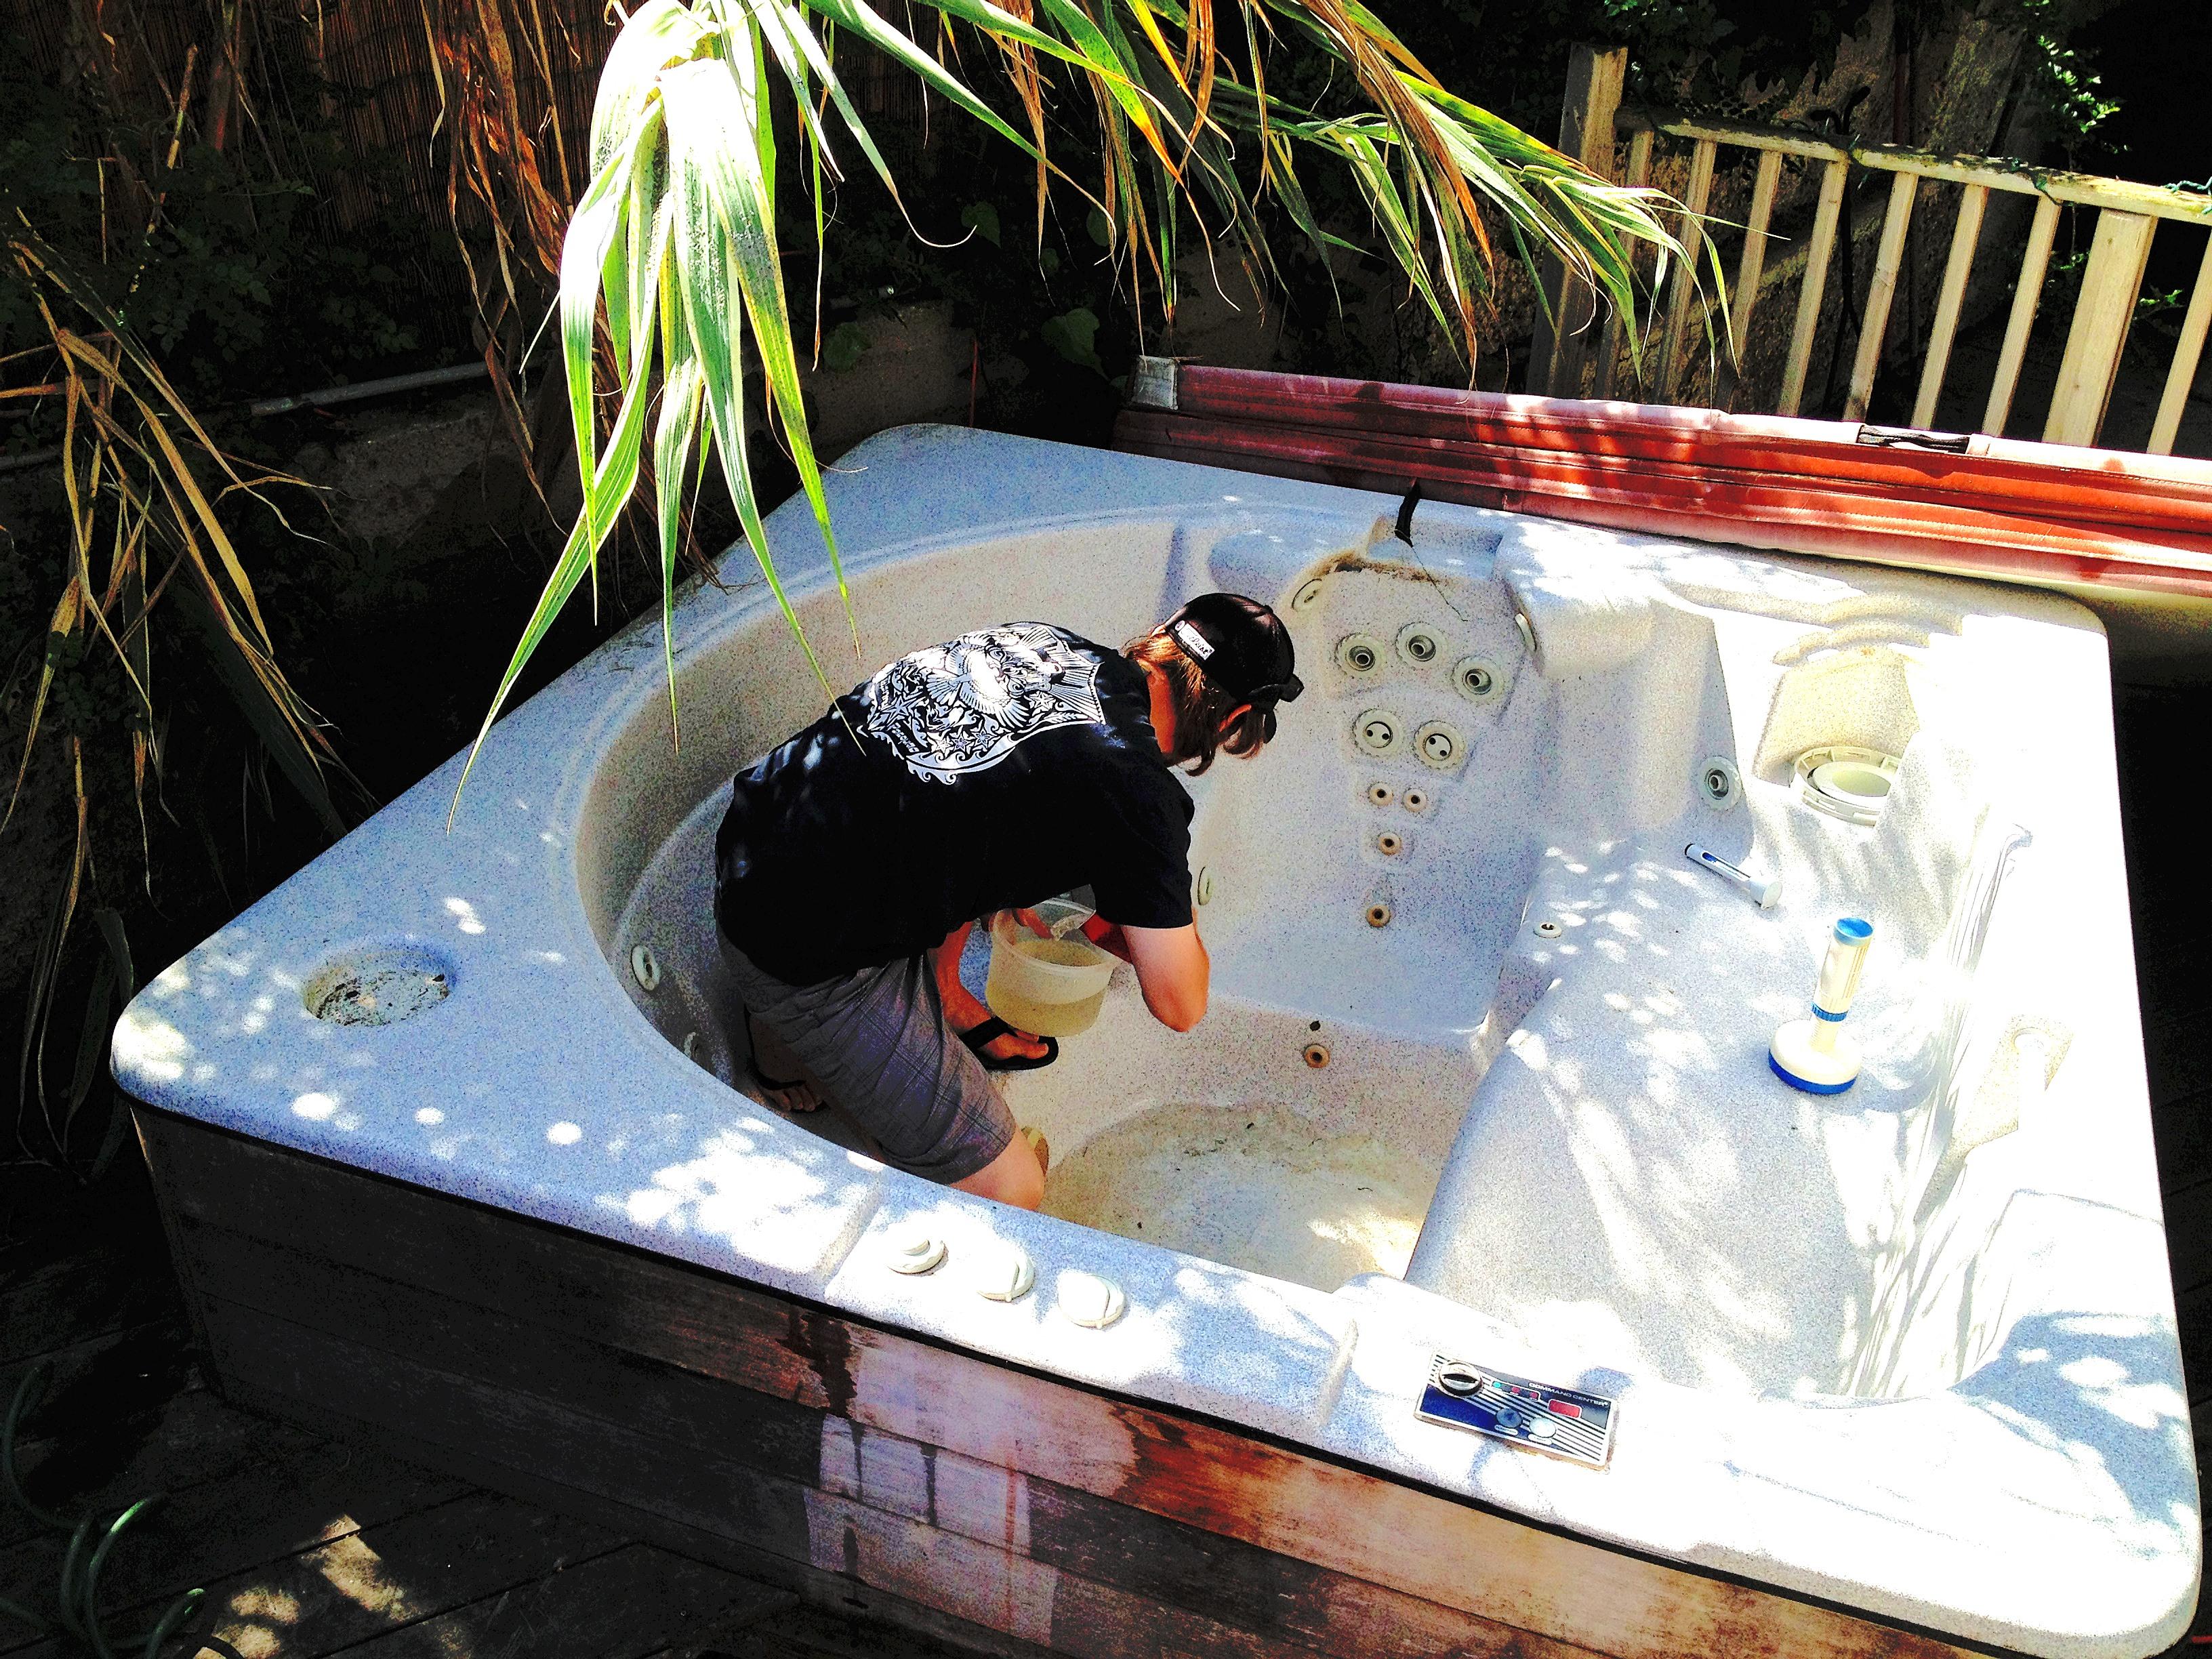 hot tub cleaning 1 – adventureclubinteractive